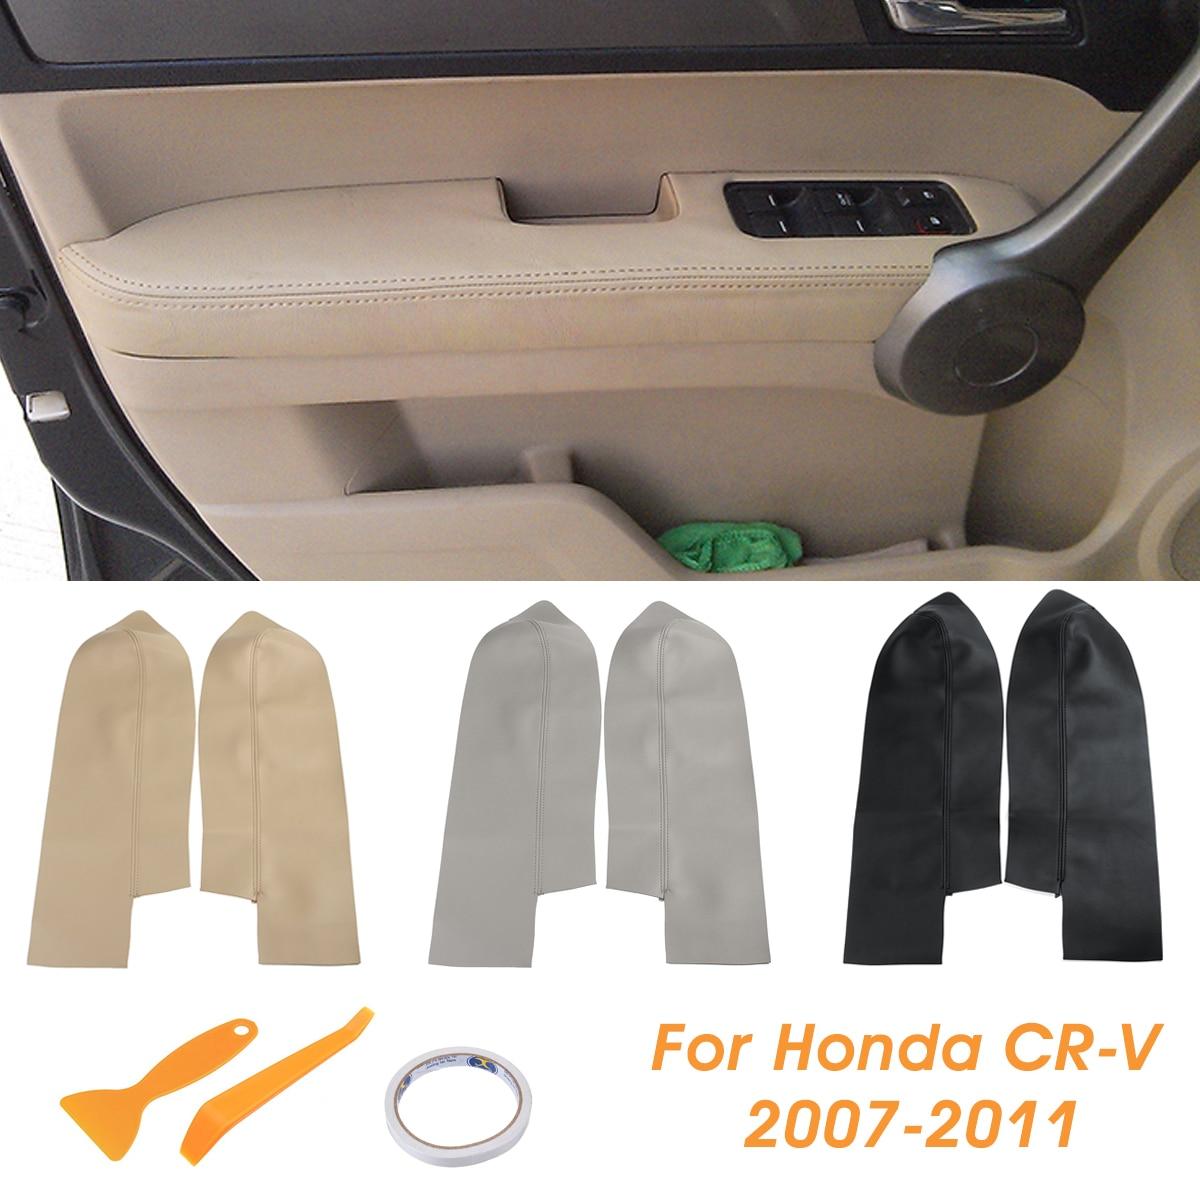 ペア車の革フロントドアパネルアームレストホンダ Crv 2007 2008 2009 2010 2011 2012 黒/ベージュ /グレー